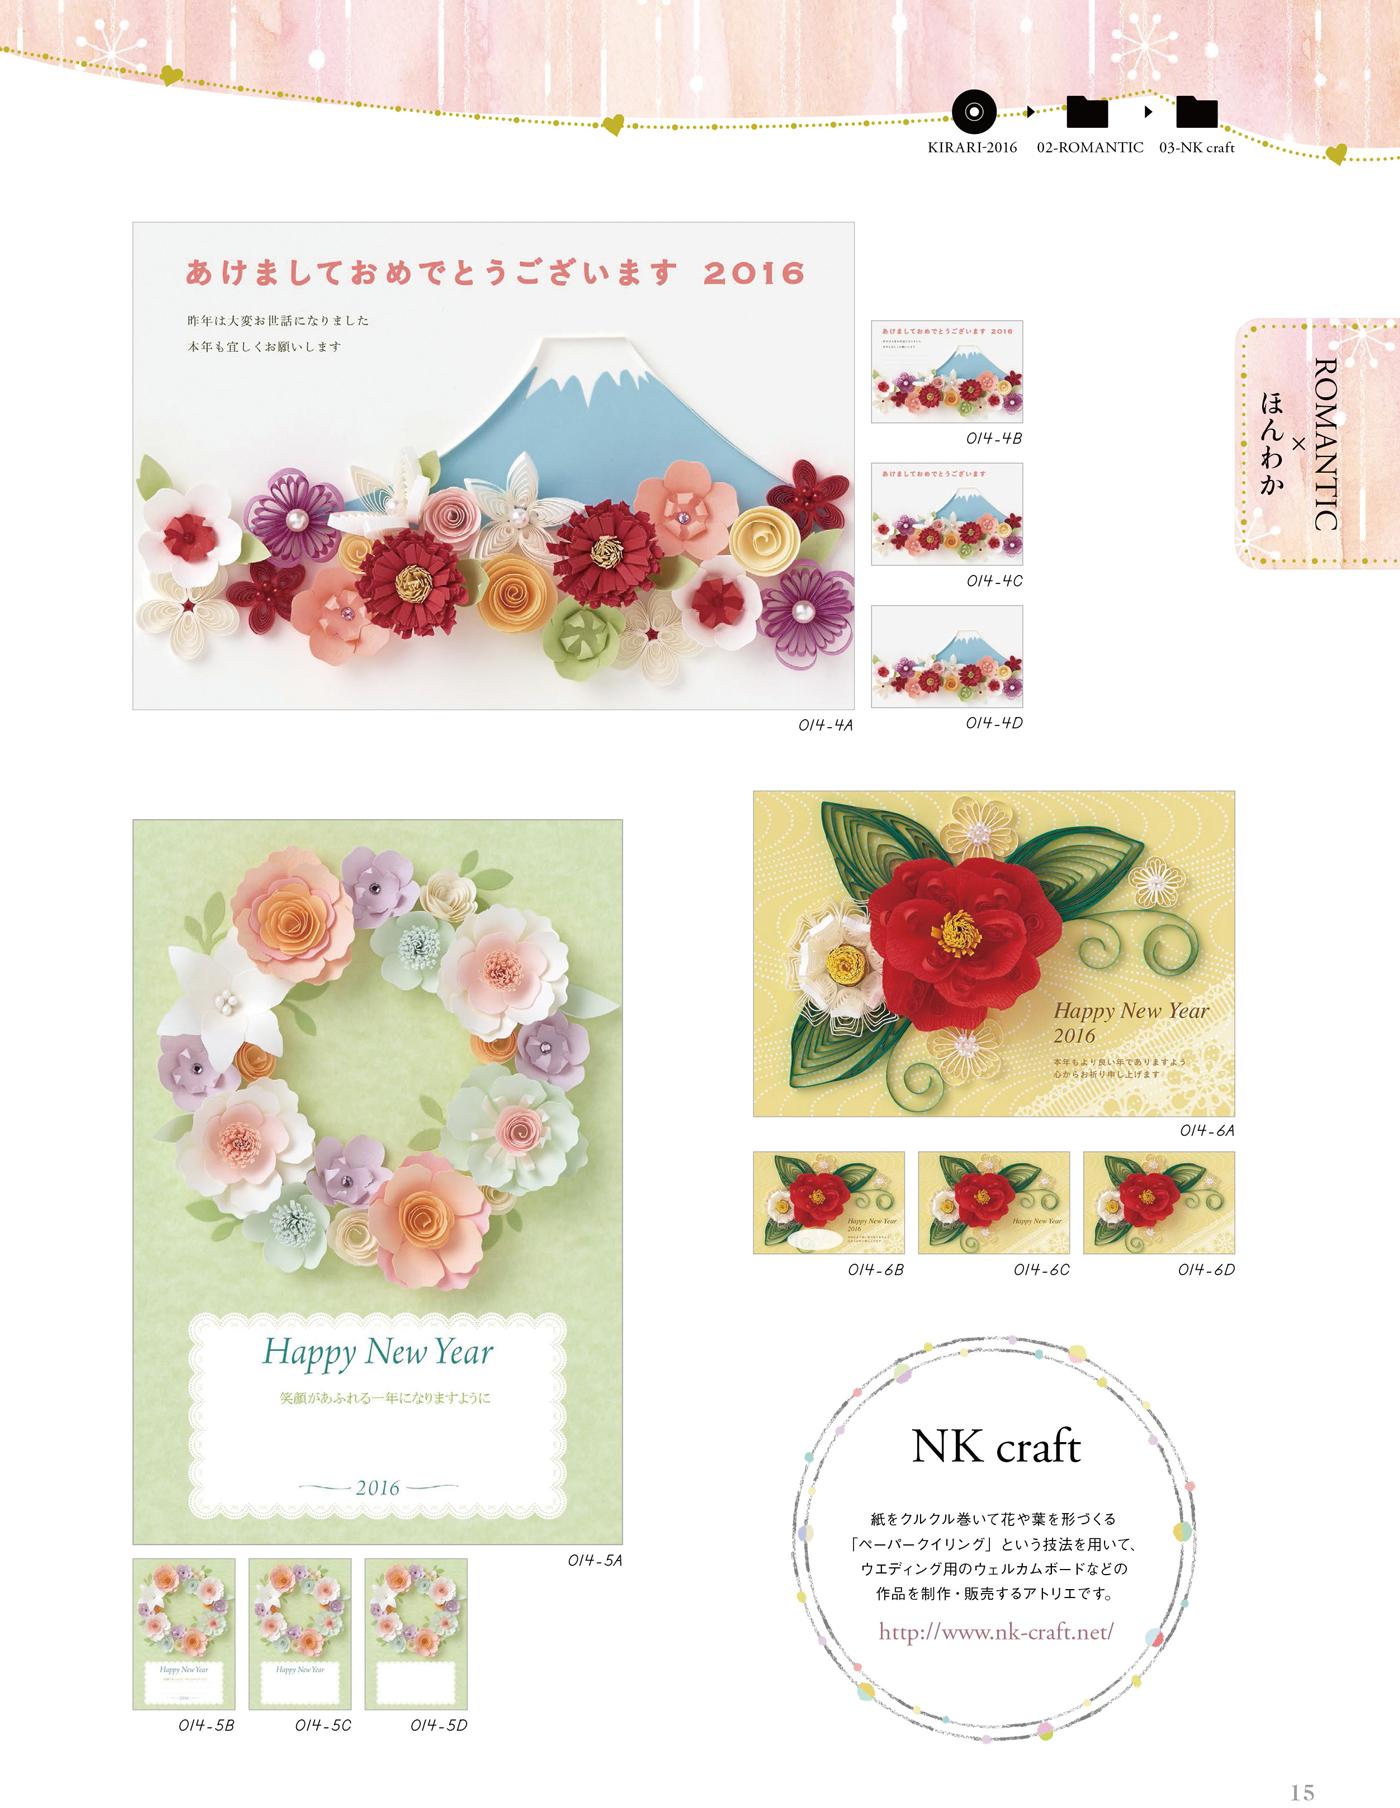 「キラリ☆と輝くおしゃれな年賀状2016」P15 NK craft 紙×ロマンティックの絶妙コラボレーション